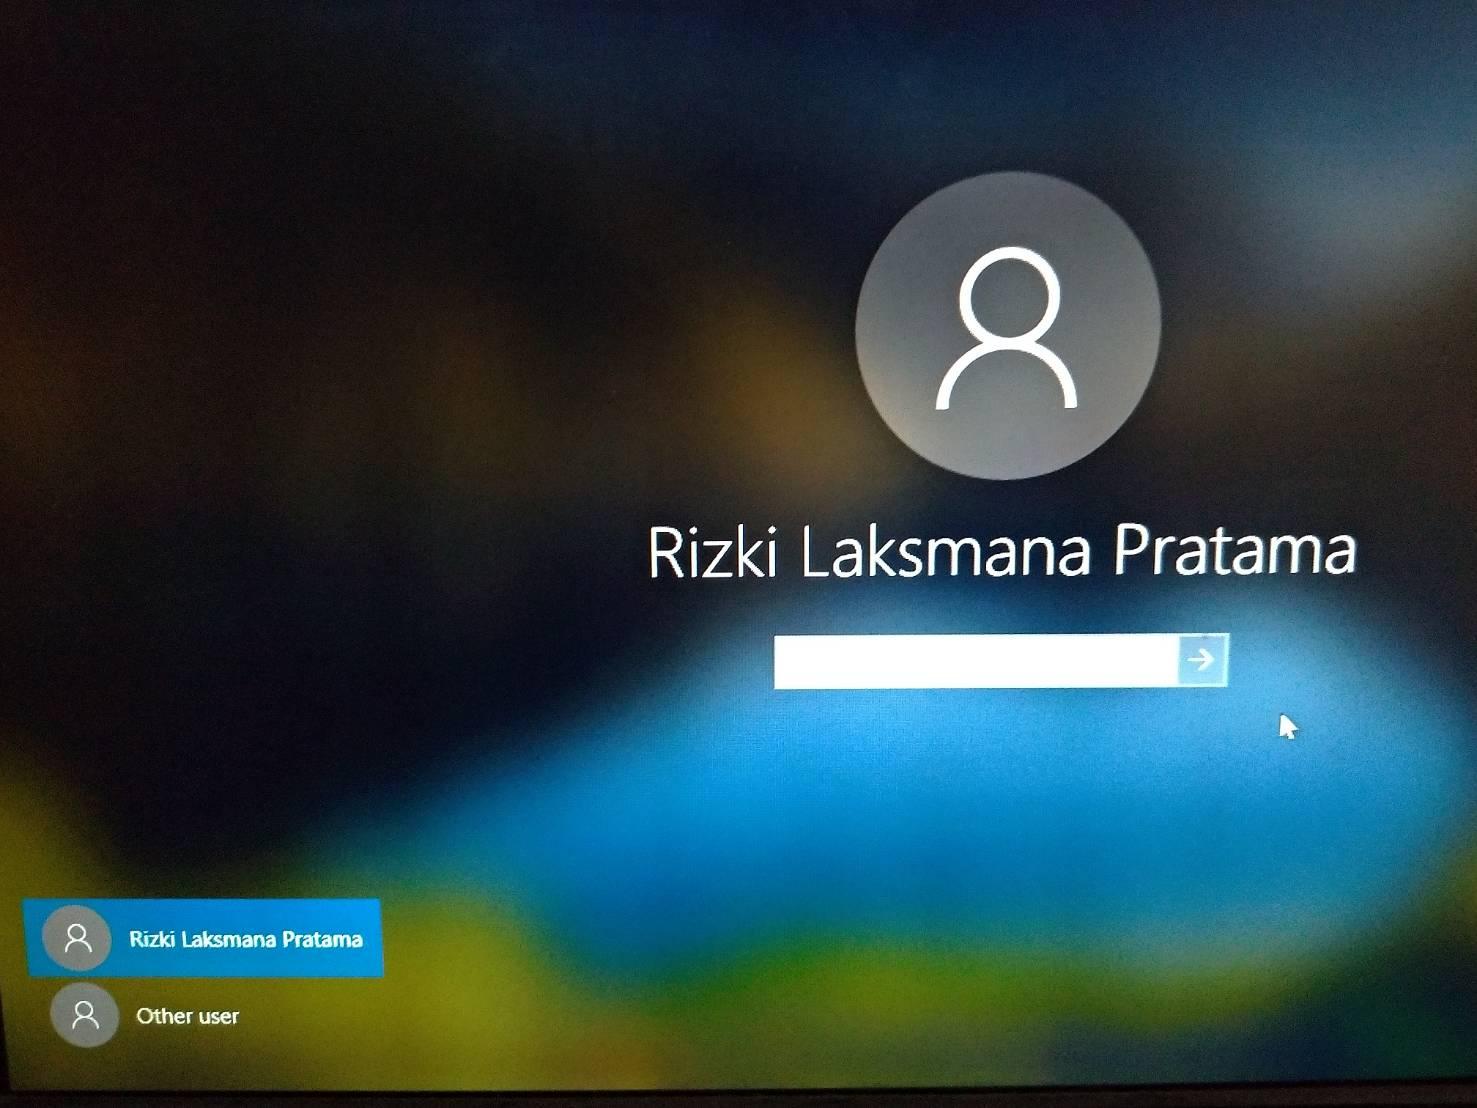 Windows 10 Can't log in after Update add03bee-ed1f-4e2e-82d5-87d94da07d81?upload=true.jpg